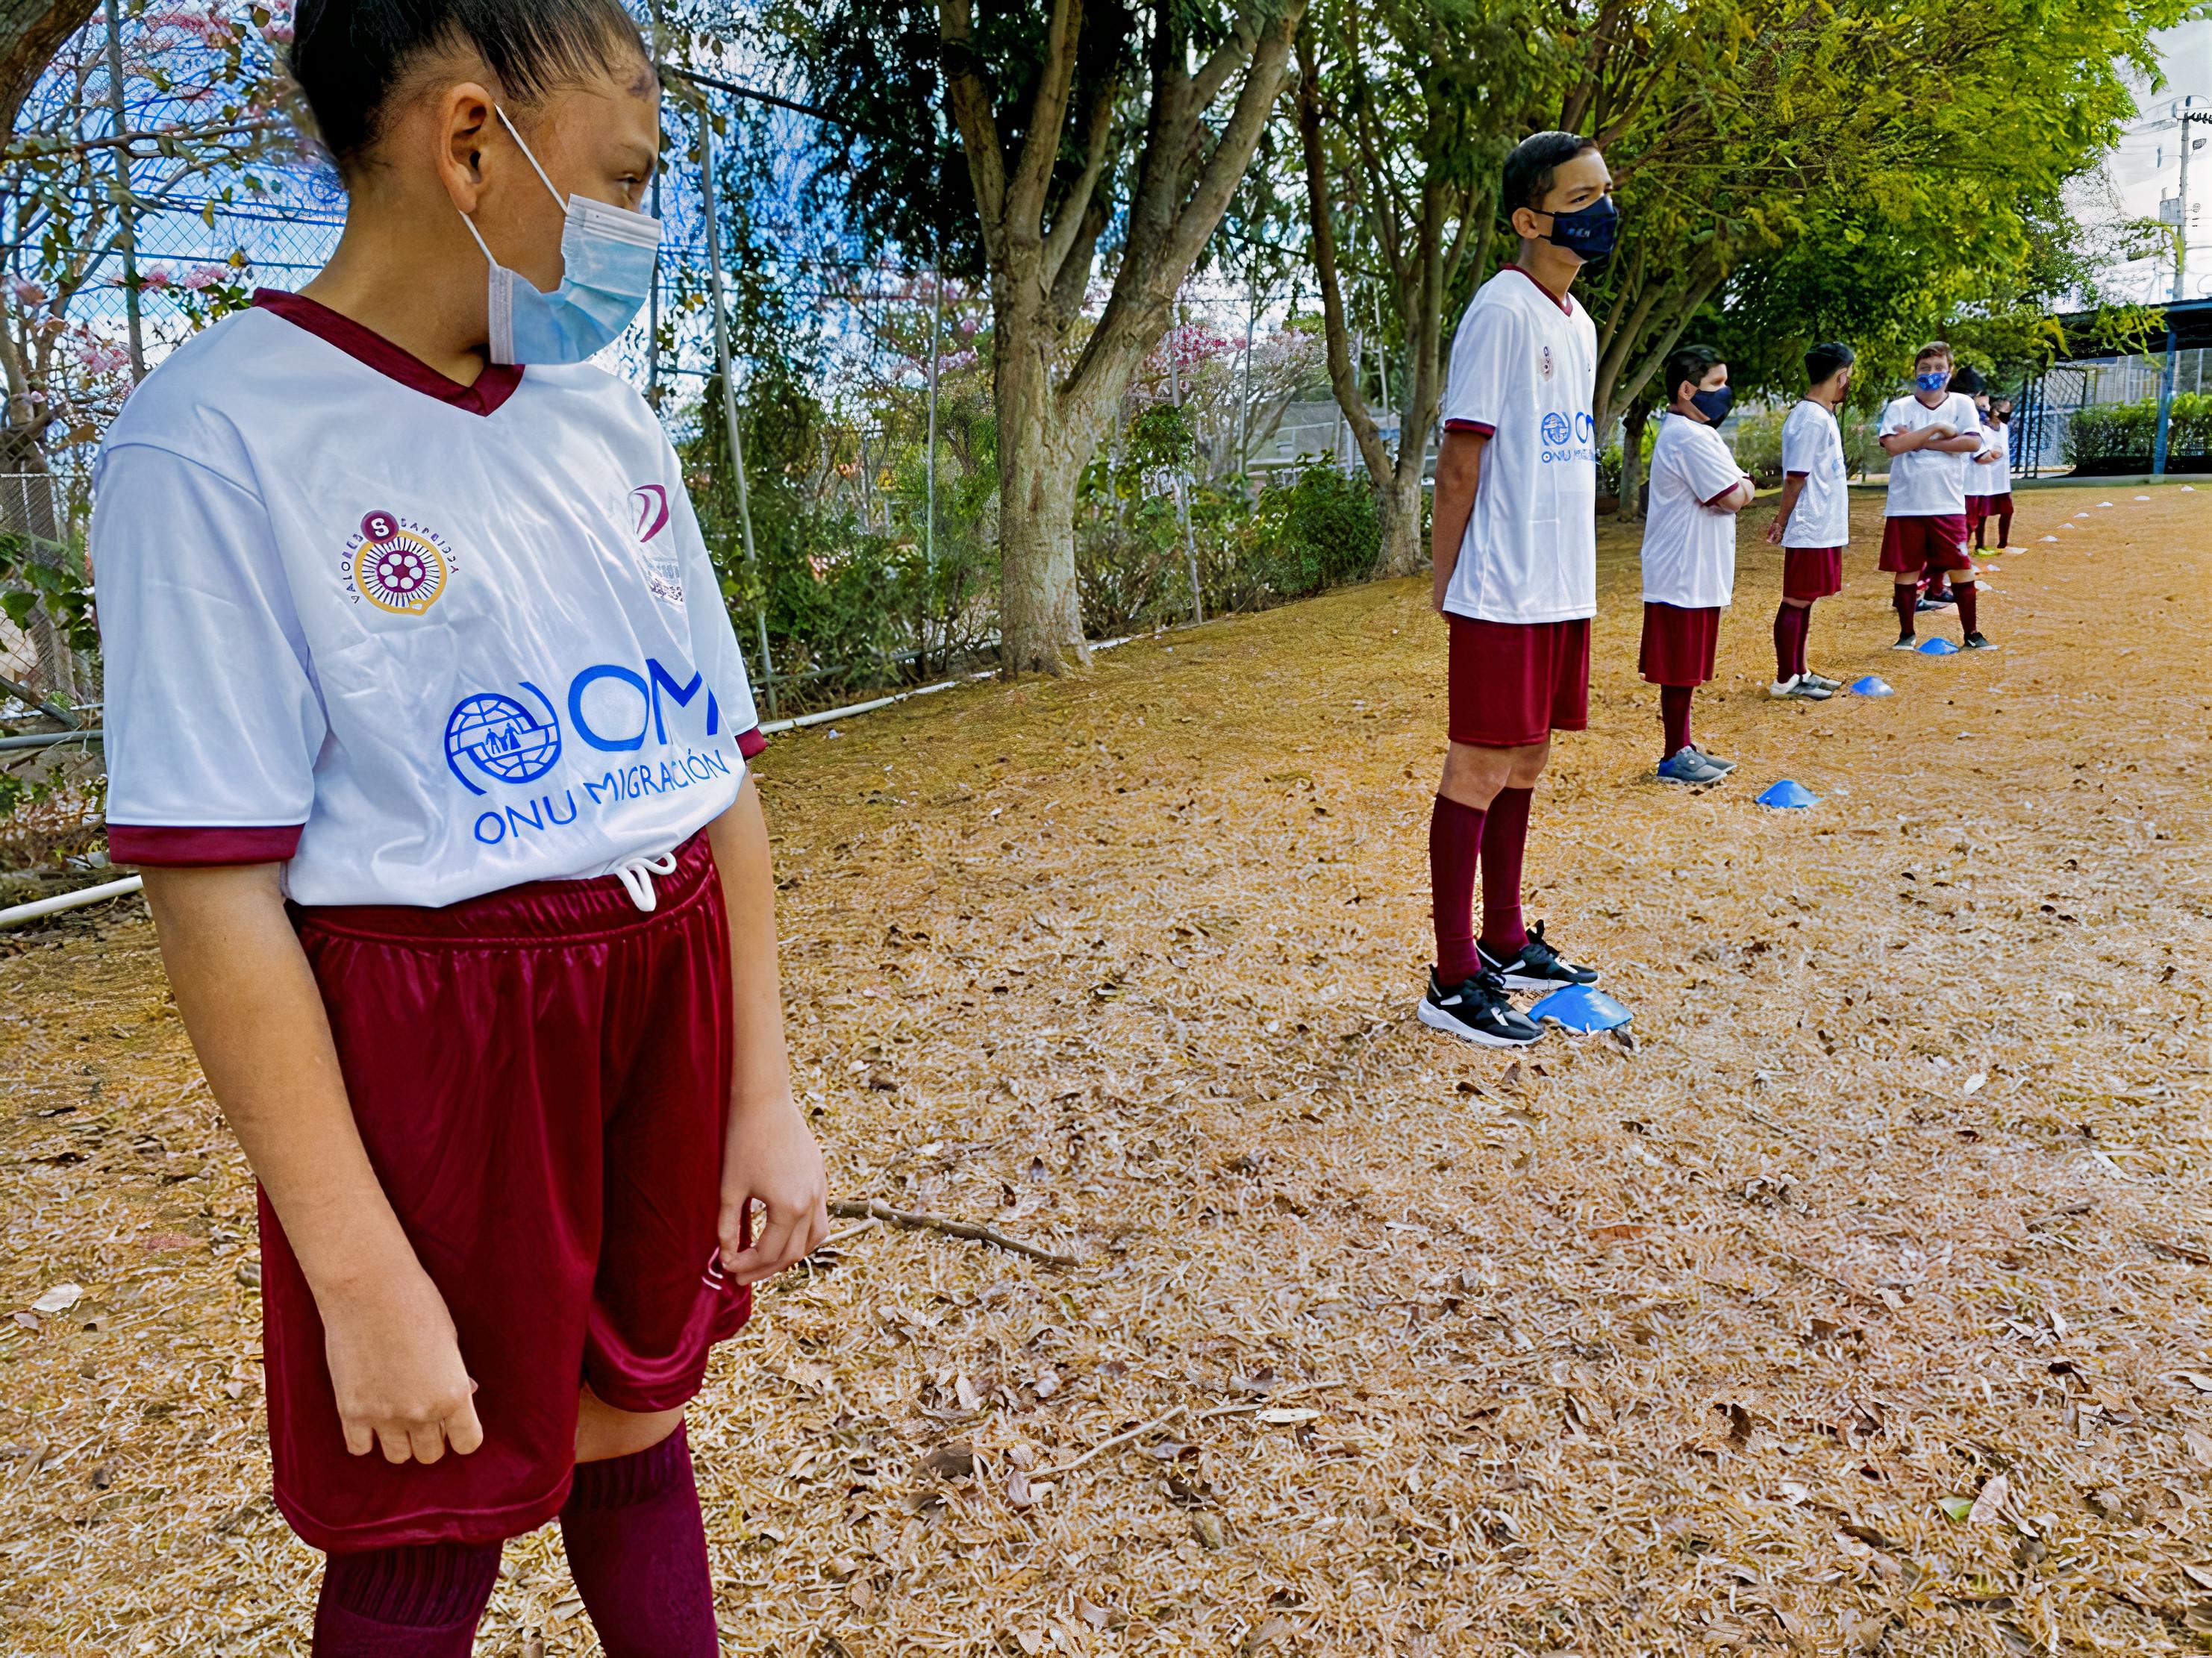 Los niños migrantes juegan al fútbol en Costa Rica: ¡Esta SuperLiga sí que va!